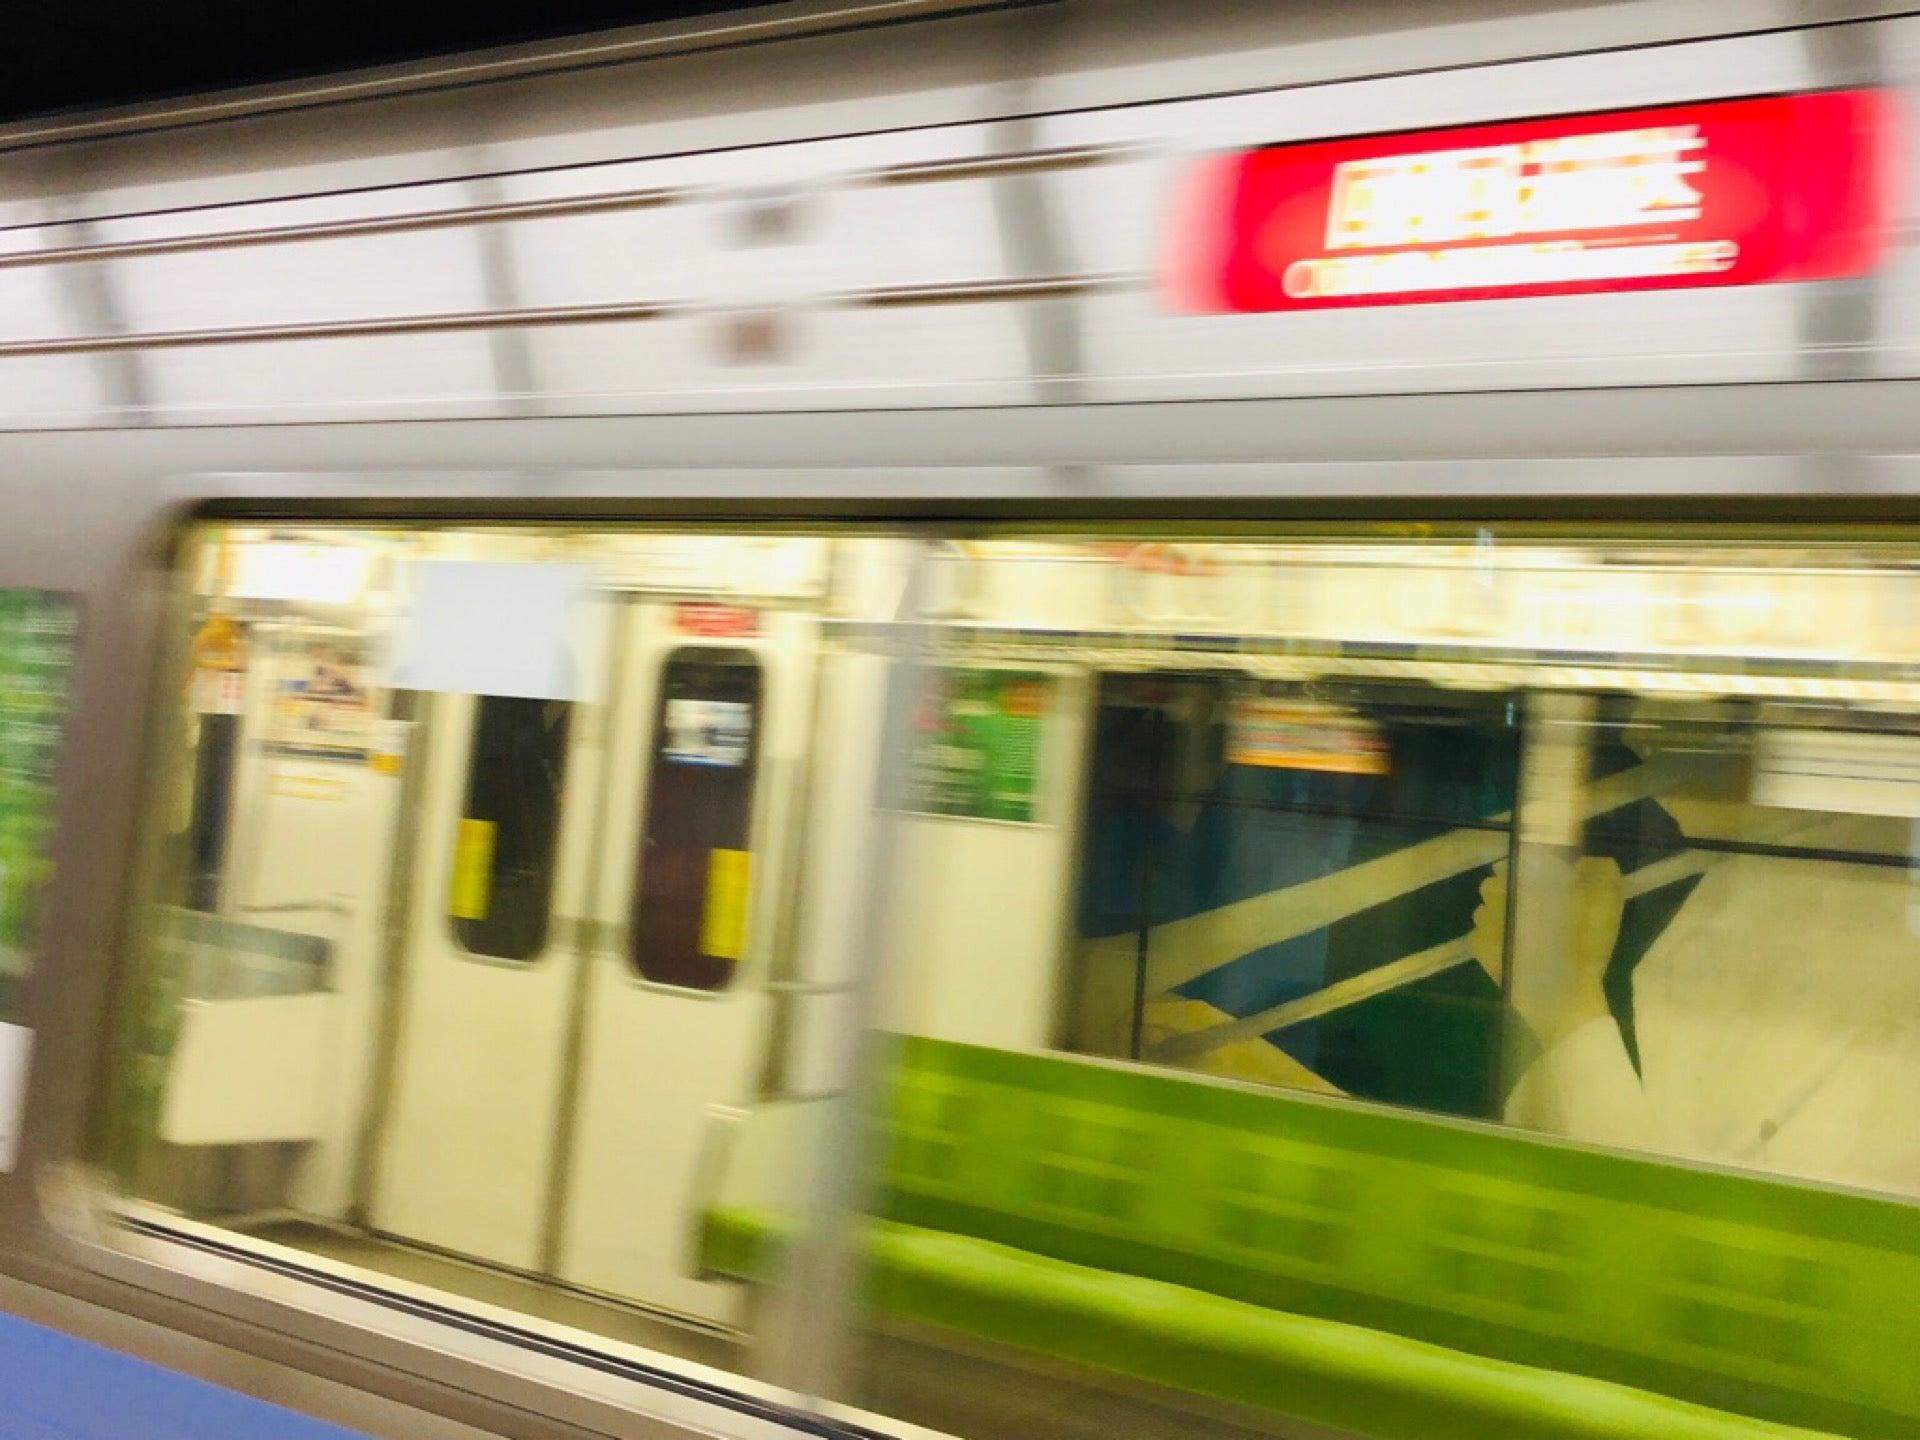 地下鉄の回送列車はじめて見たかも。 (@ 久屋大通駅 (S05/M06) - @nagoya_kotsu in 名古屋市, 愛知県) https://t.co/cR9nHf2wxa https://t.co/S26y0LWZ5K